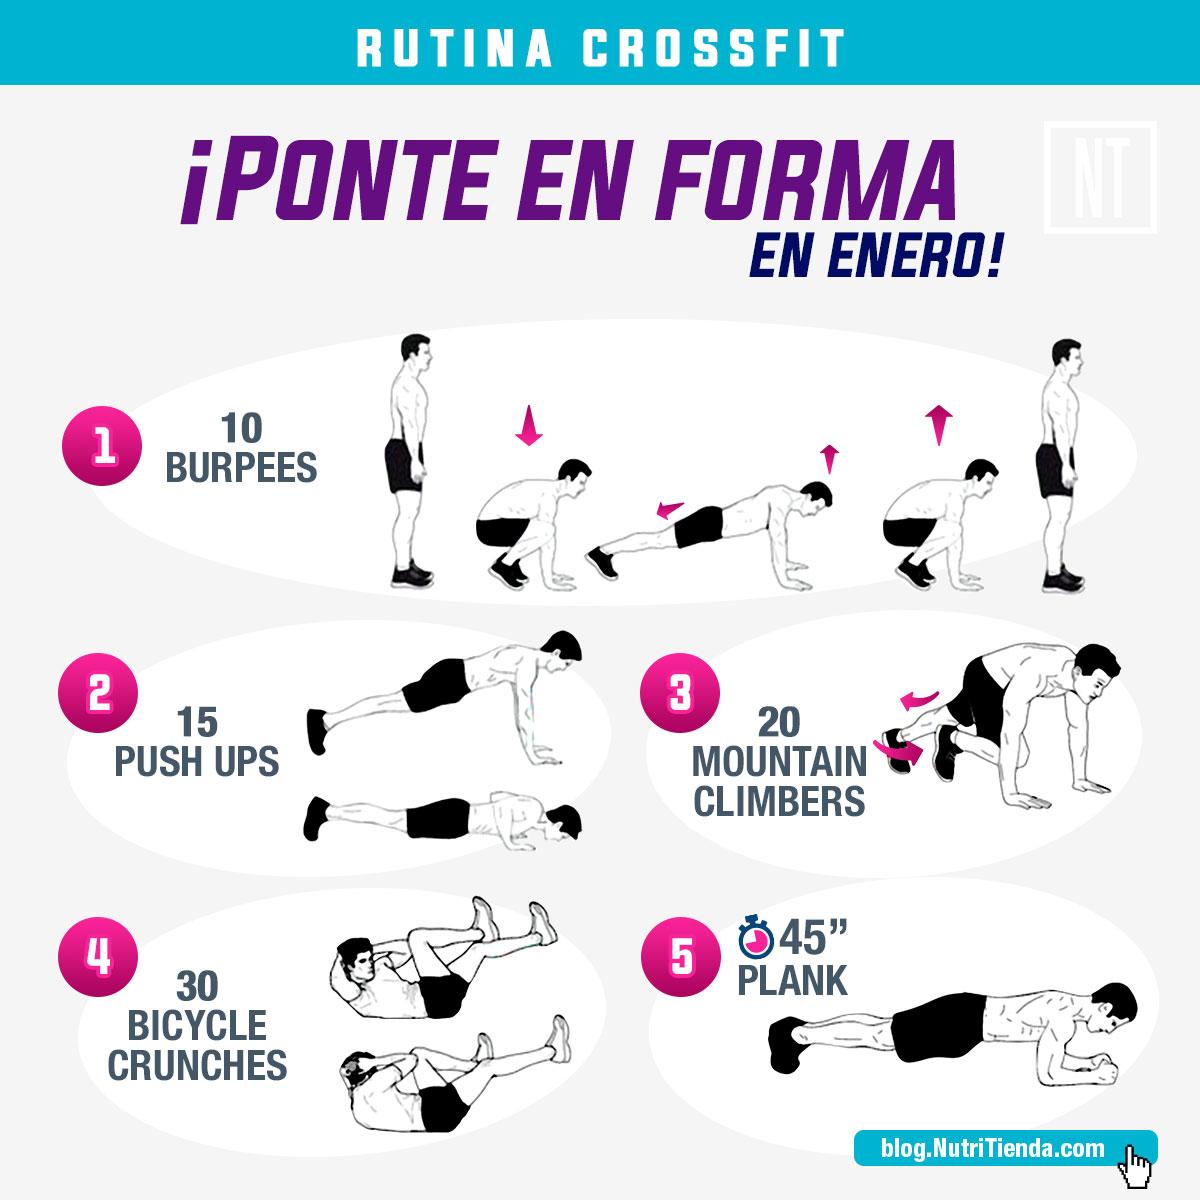 Rutina de Crossfit: ¡Ponte en forma en enero!